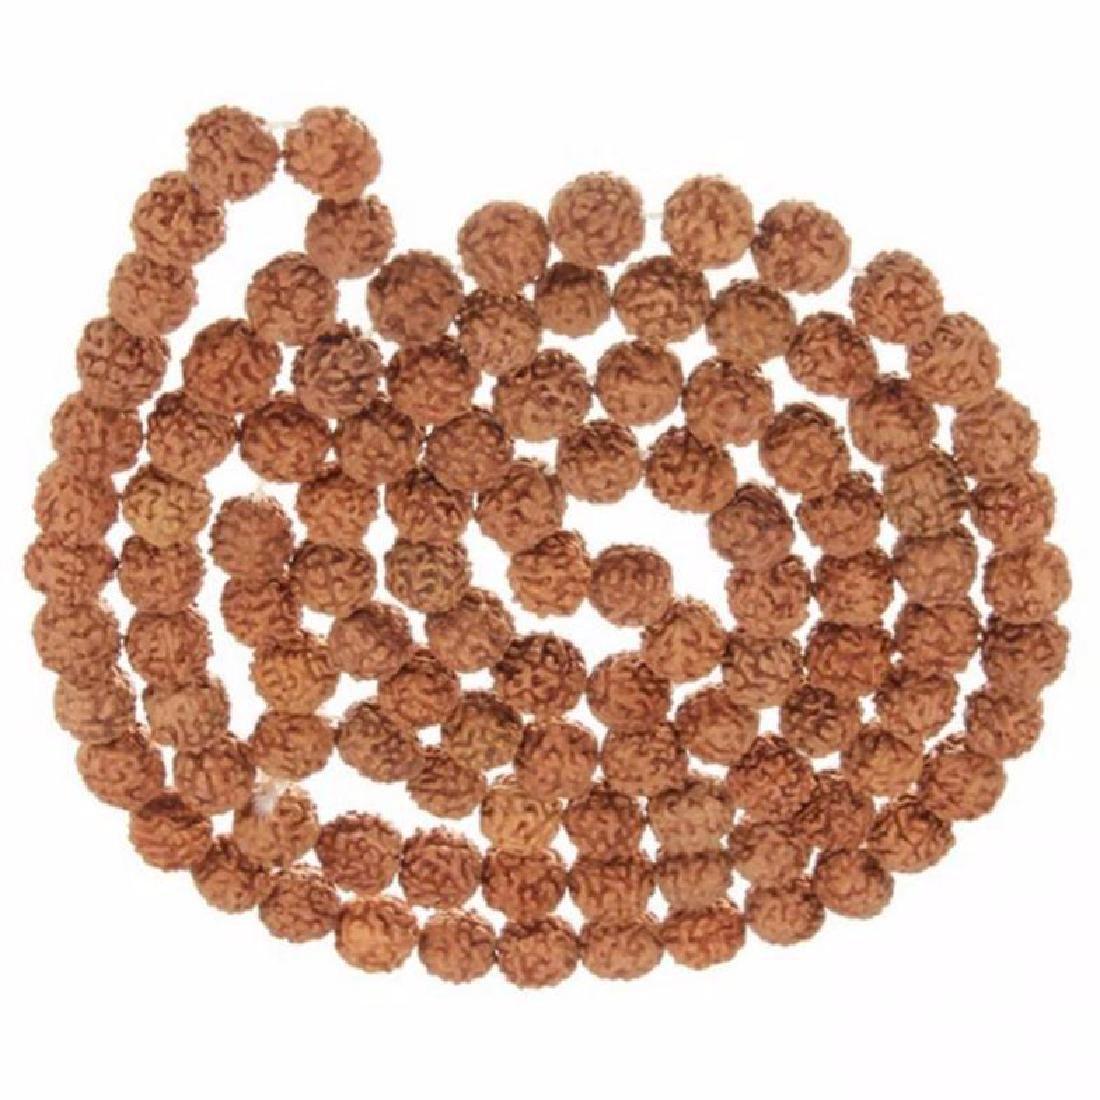 China Buddhist Wooden Beads Prayer Mala Bracelet